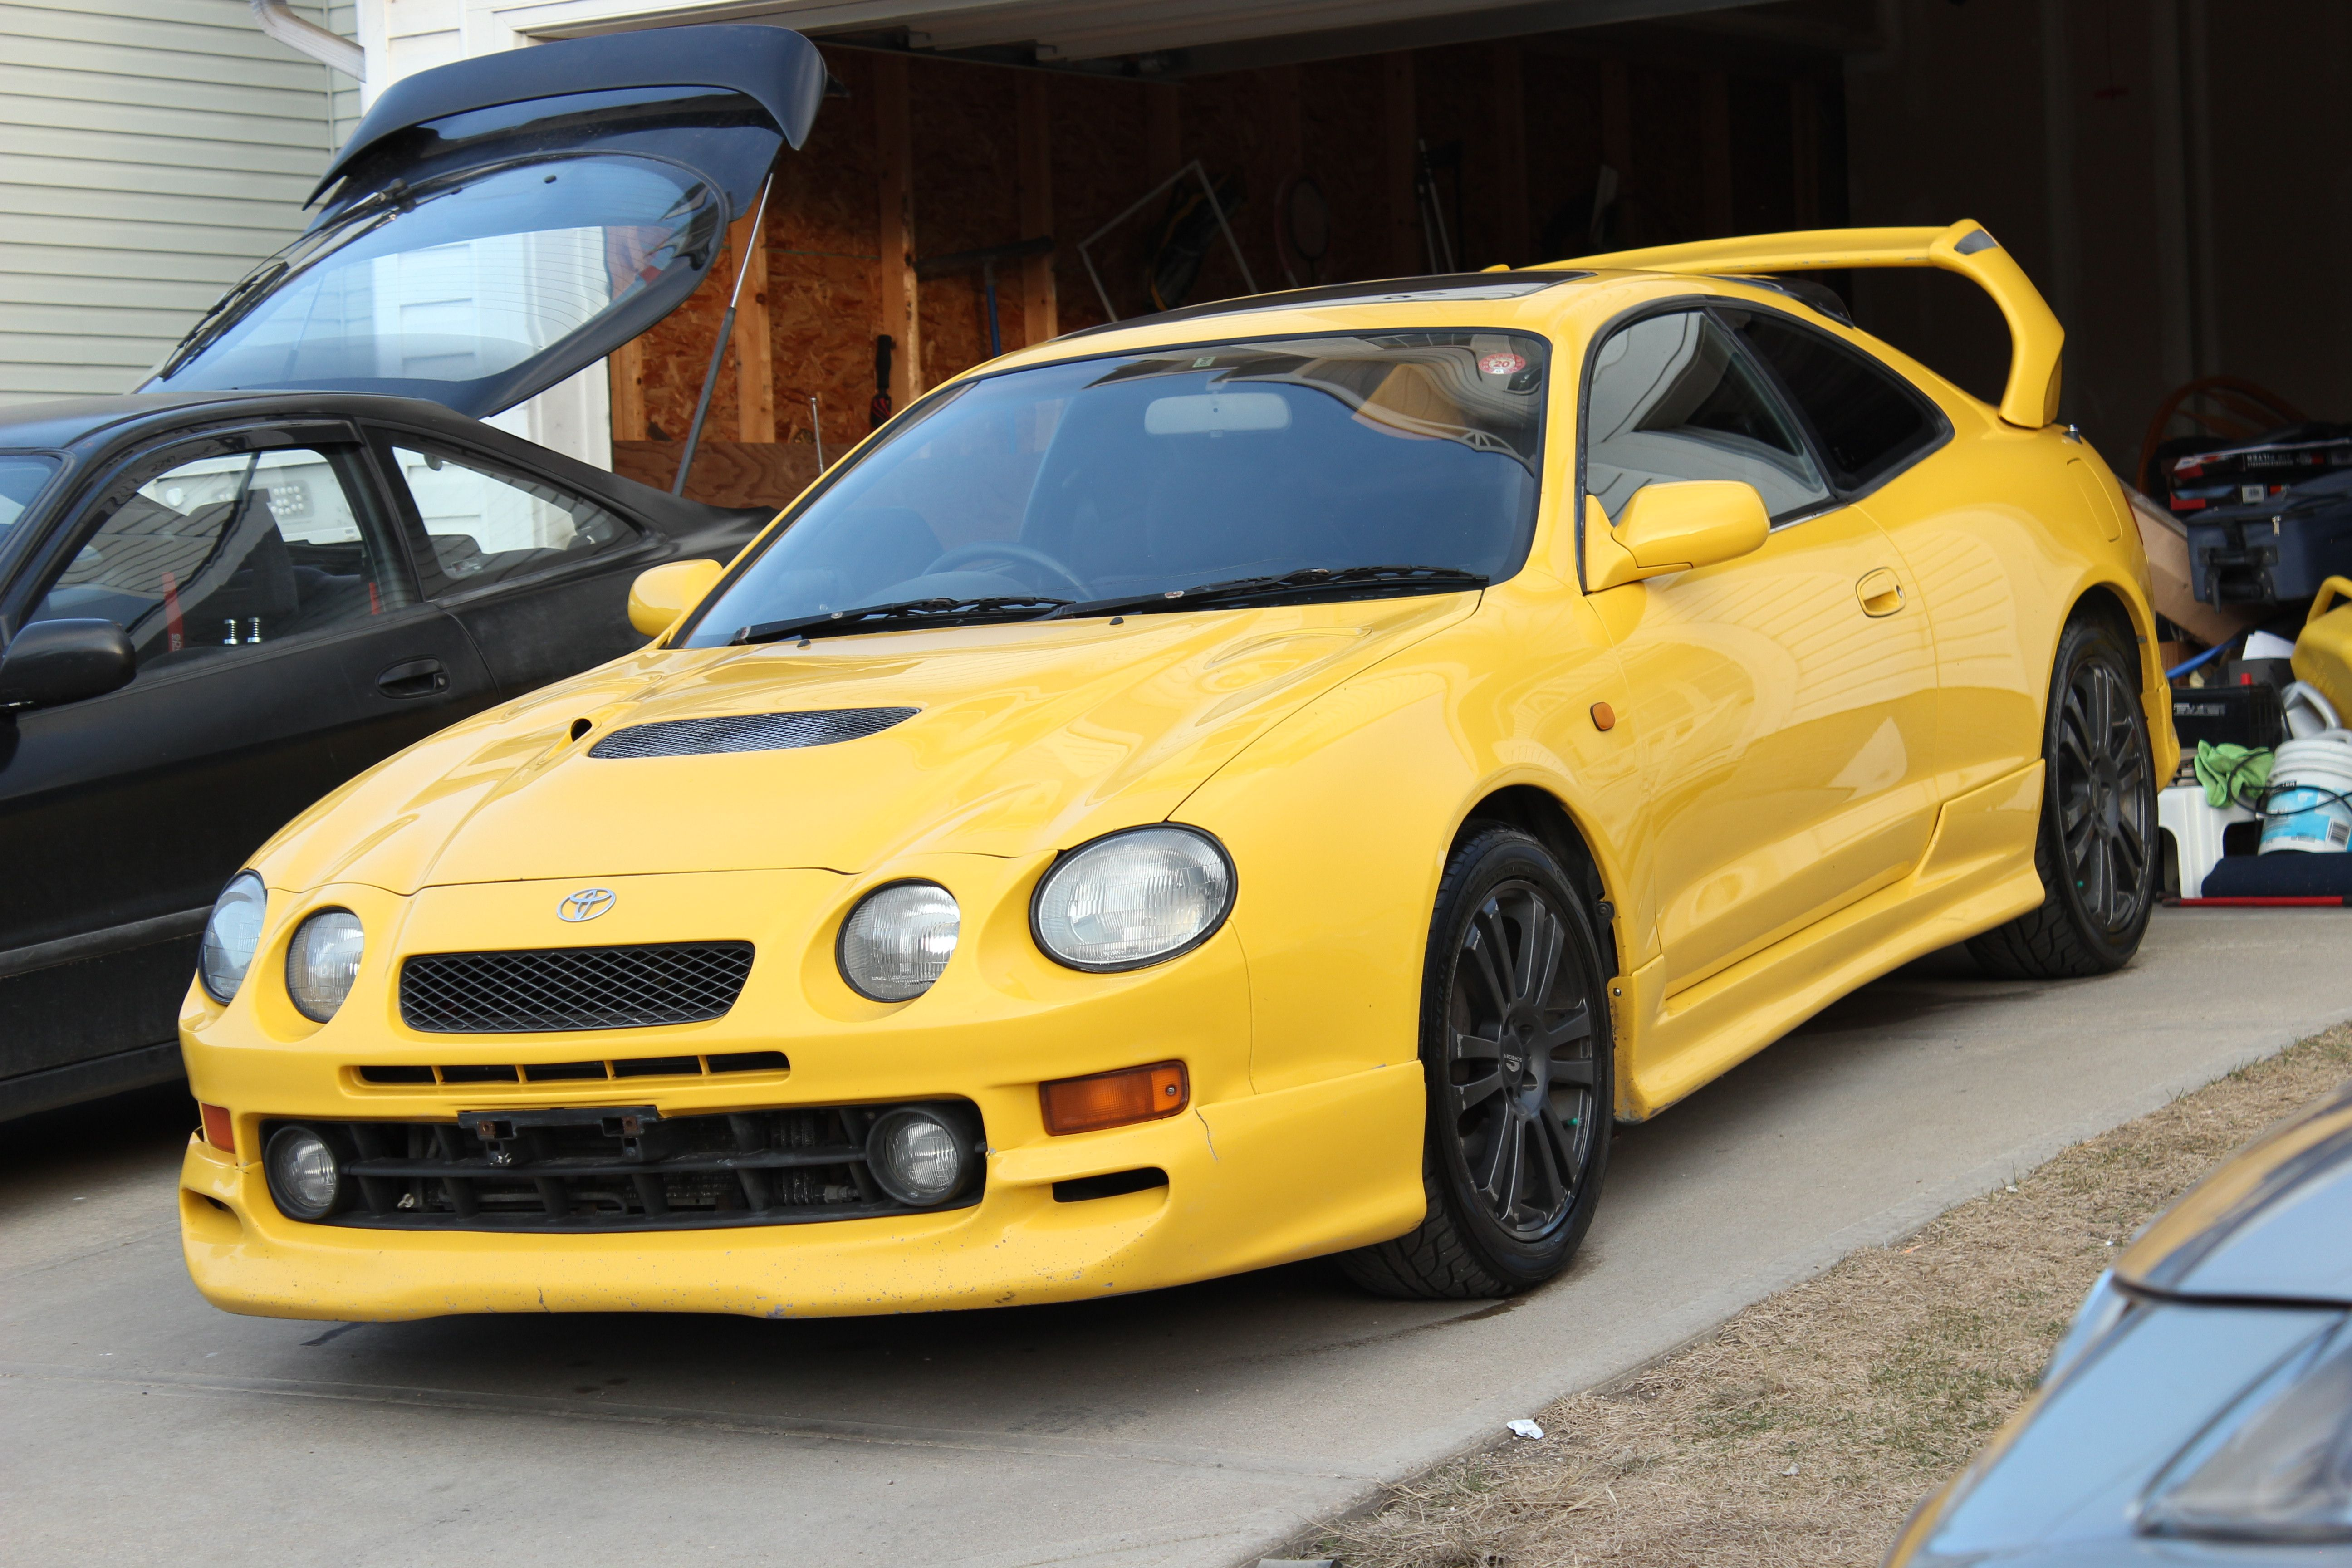 Kekurangan Toyota Celica 1995 Top Model Tahun Ini